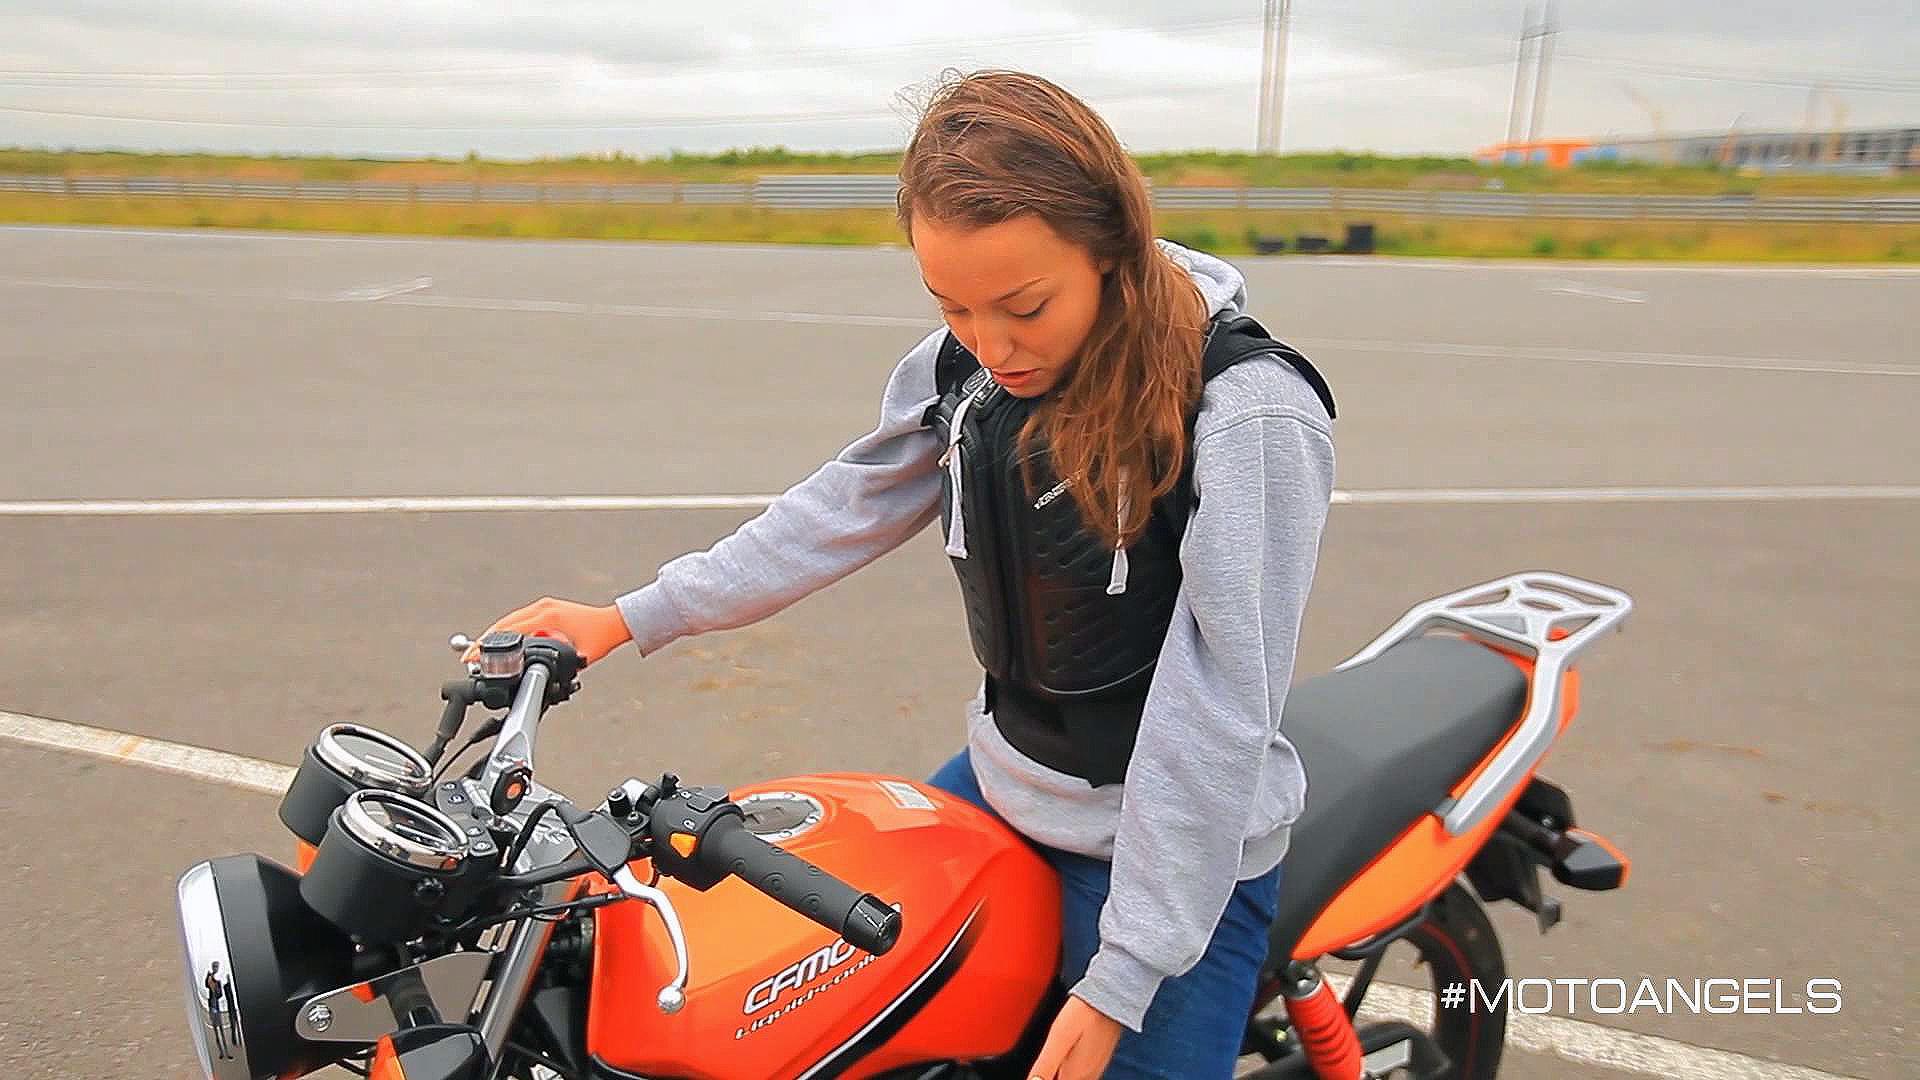 права на мотоцикл cfmoto